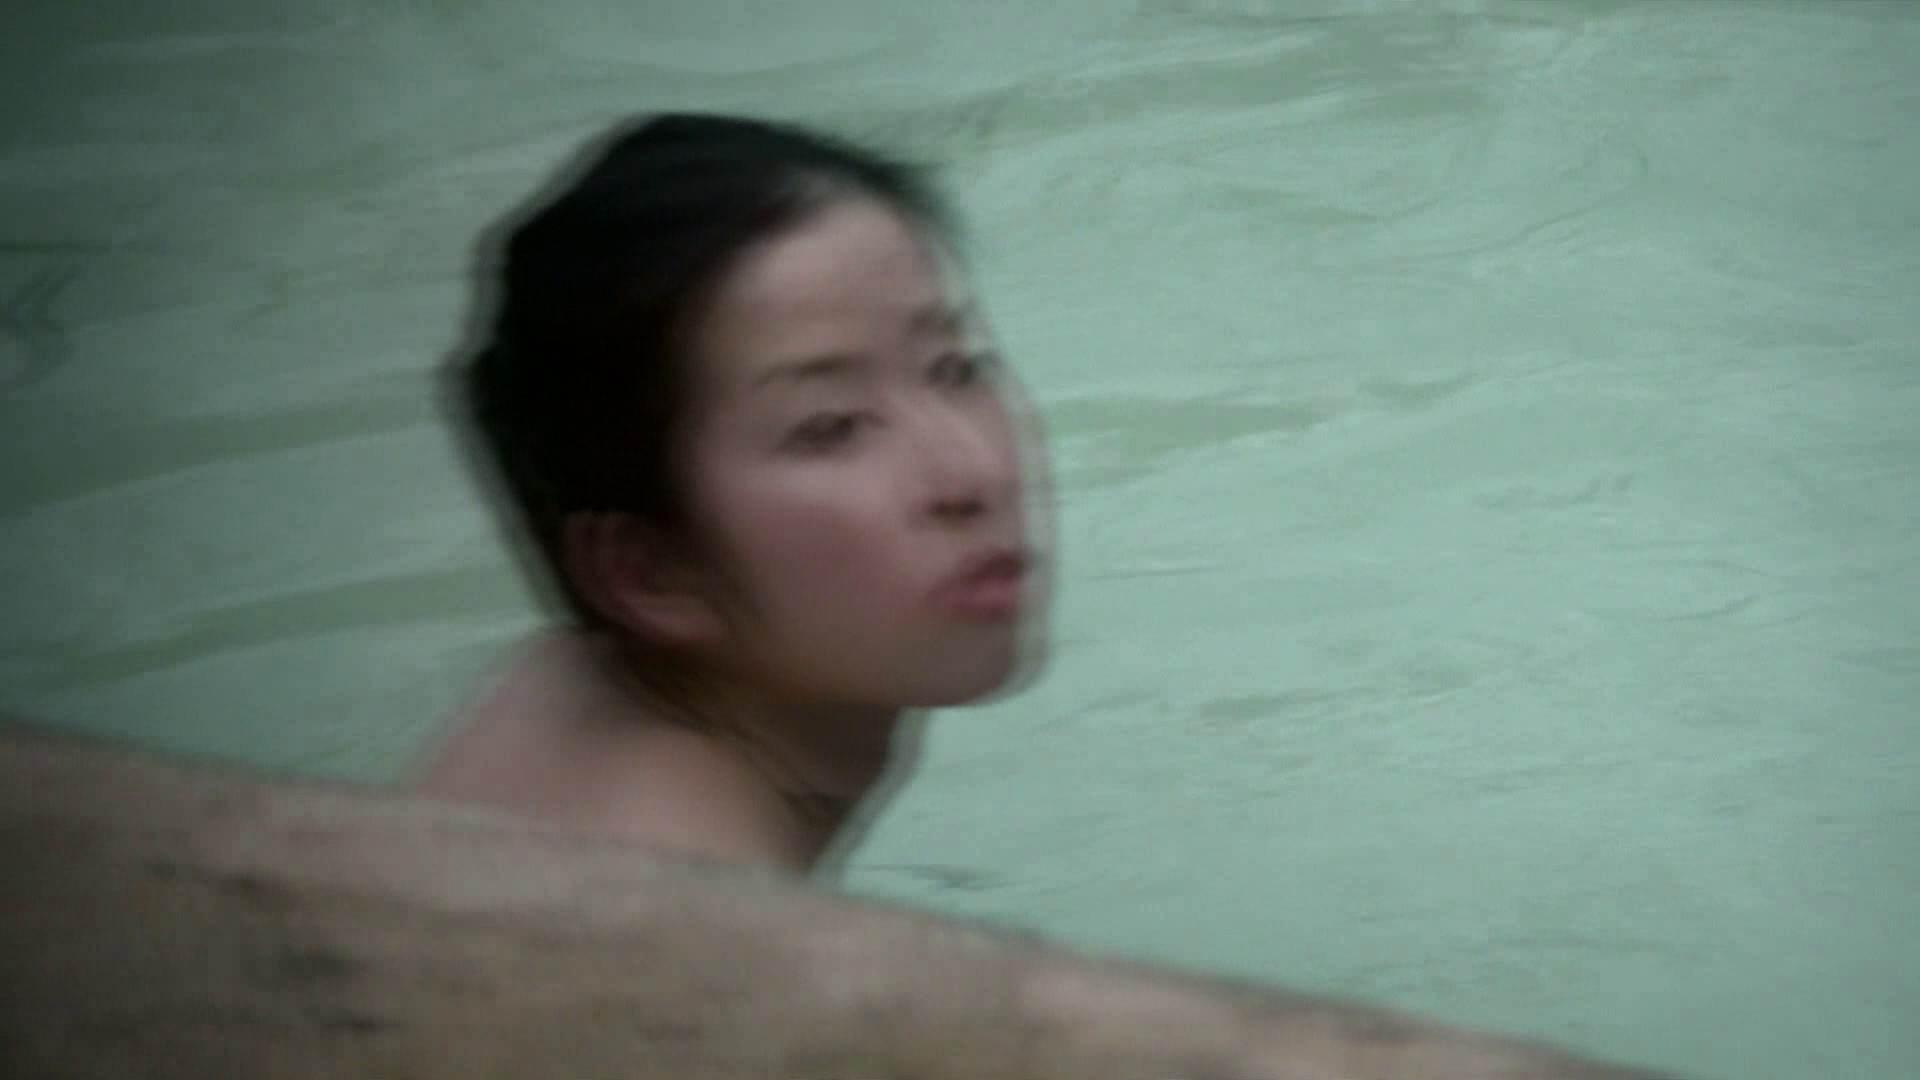 Aquaな露天風呂Vol.656 OL  49pic 14